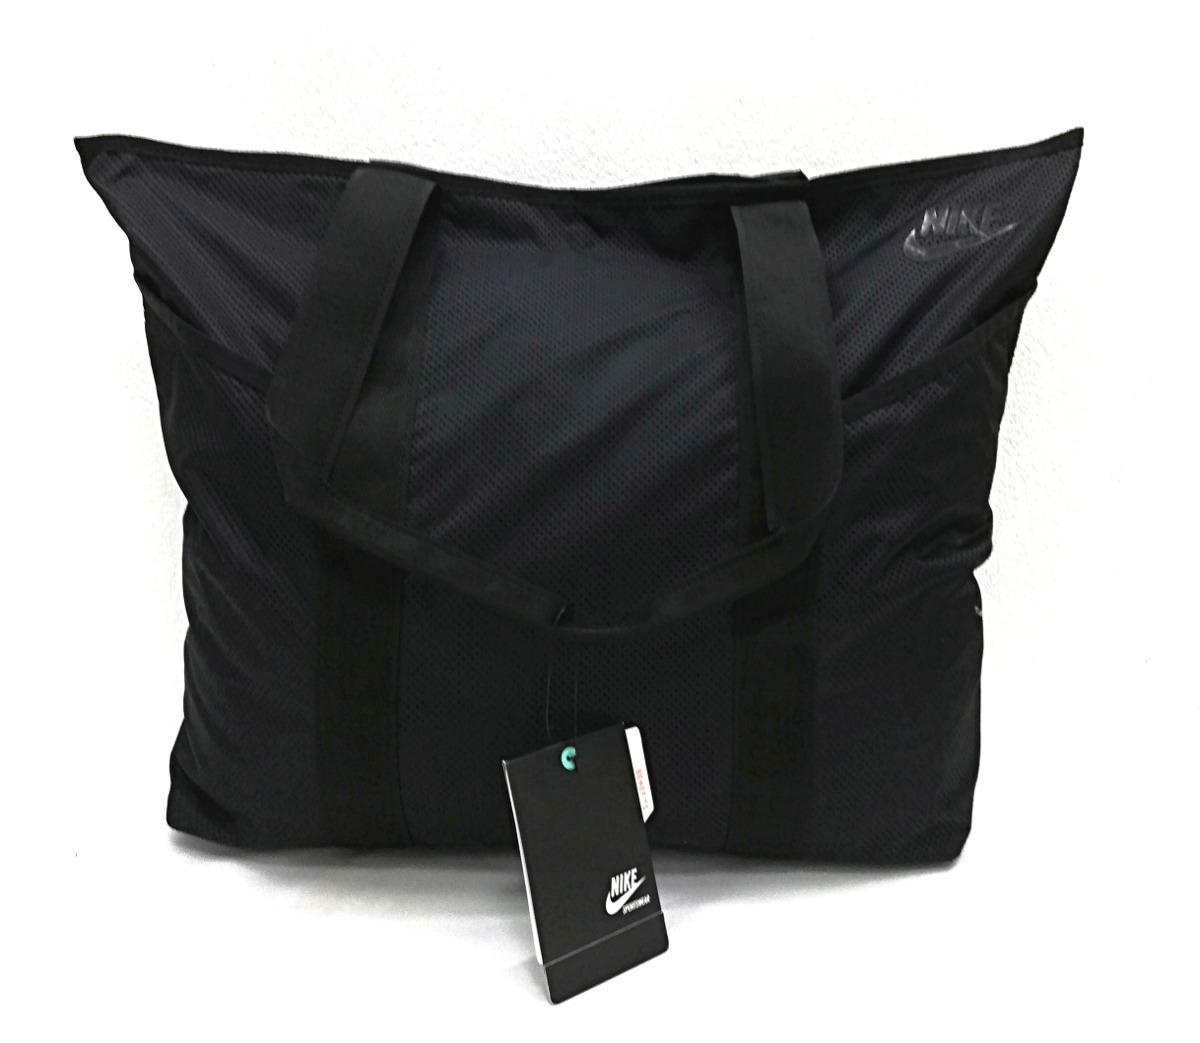 Grande Tamaño Negra Color Nike Bolsa Envio Original Gratis vP4Itt 6335b9a4517f9